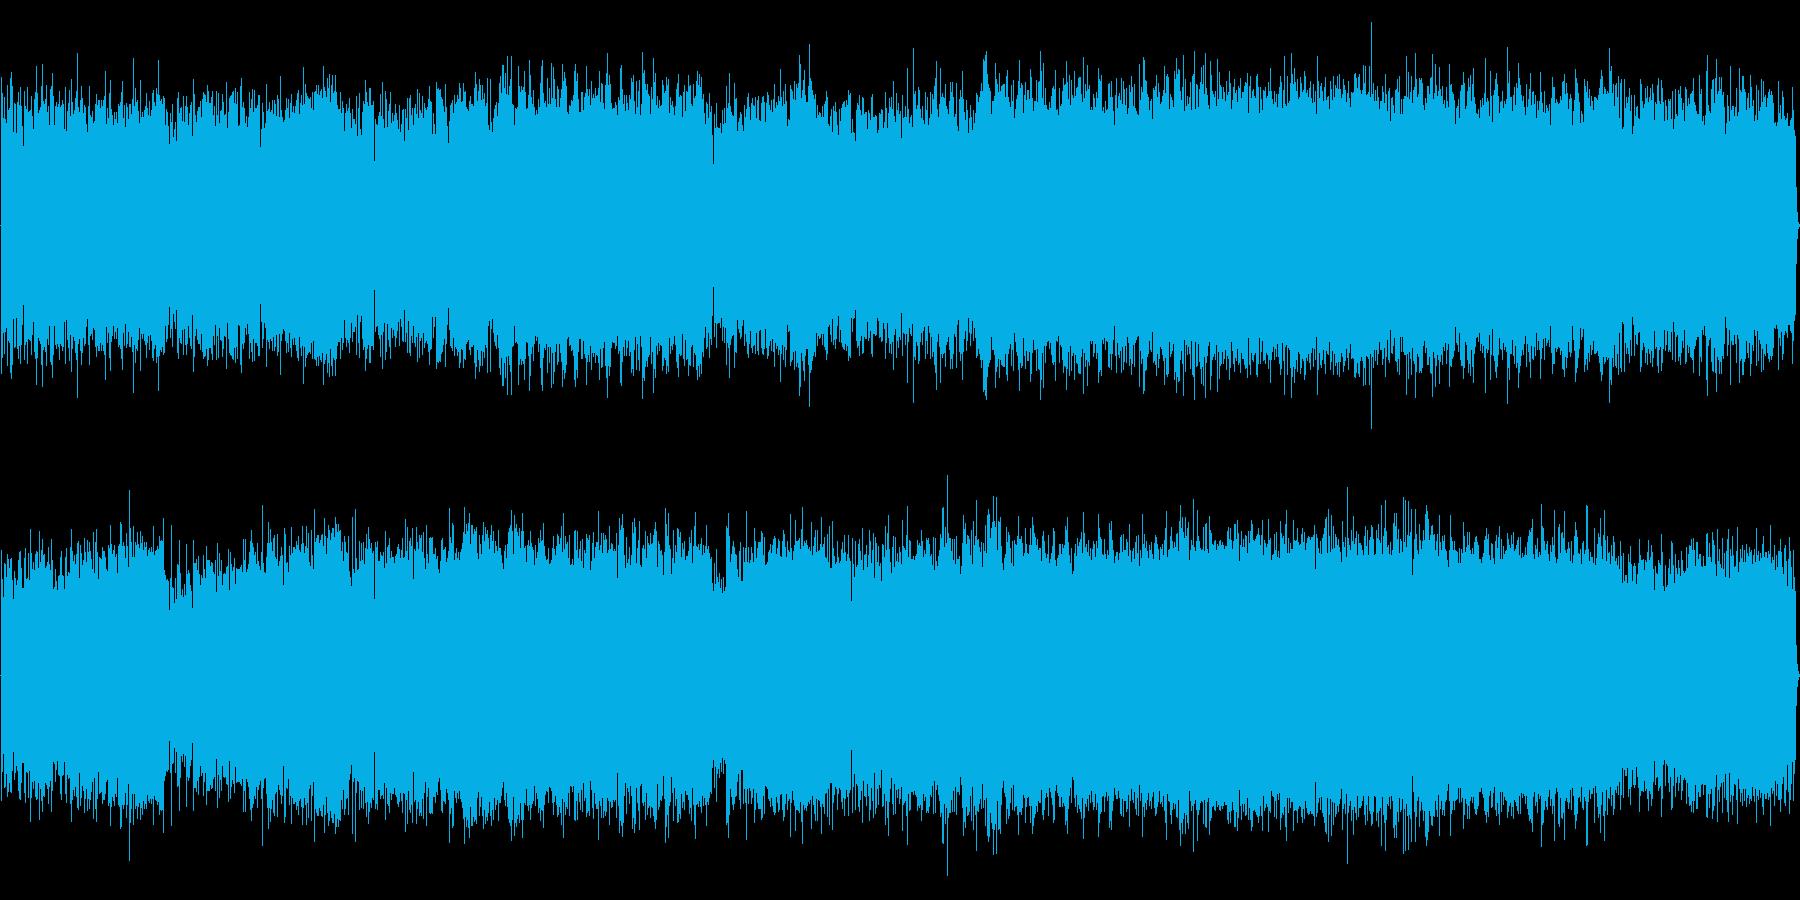 のびやかで明るめなインストの再生済みの波形